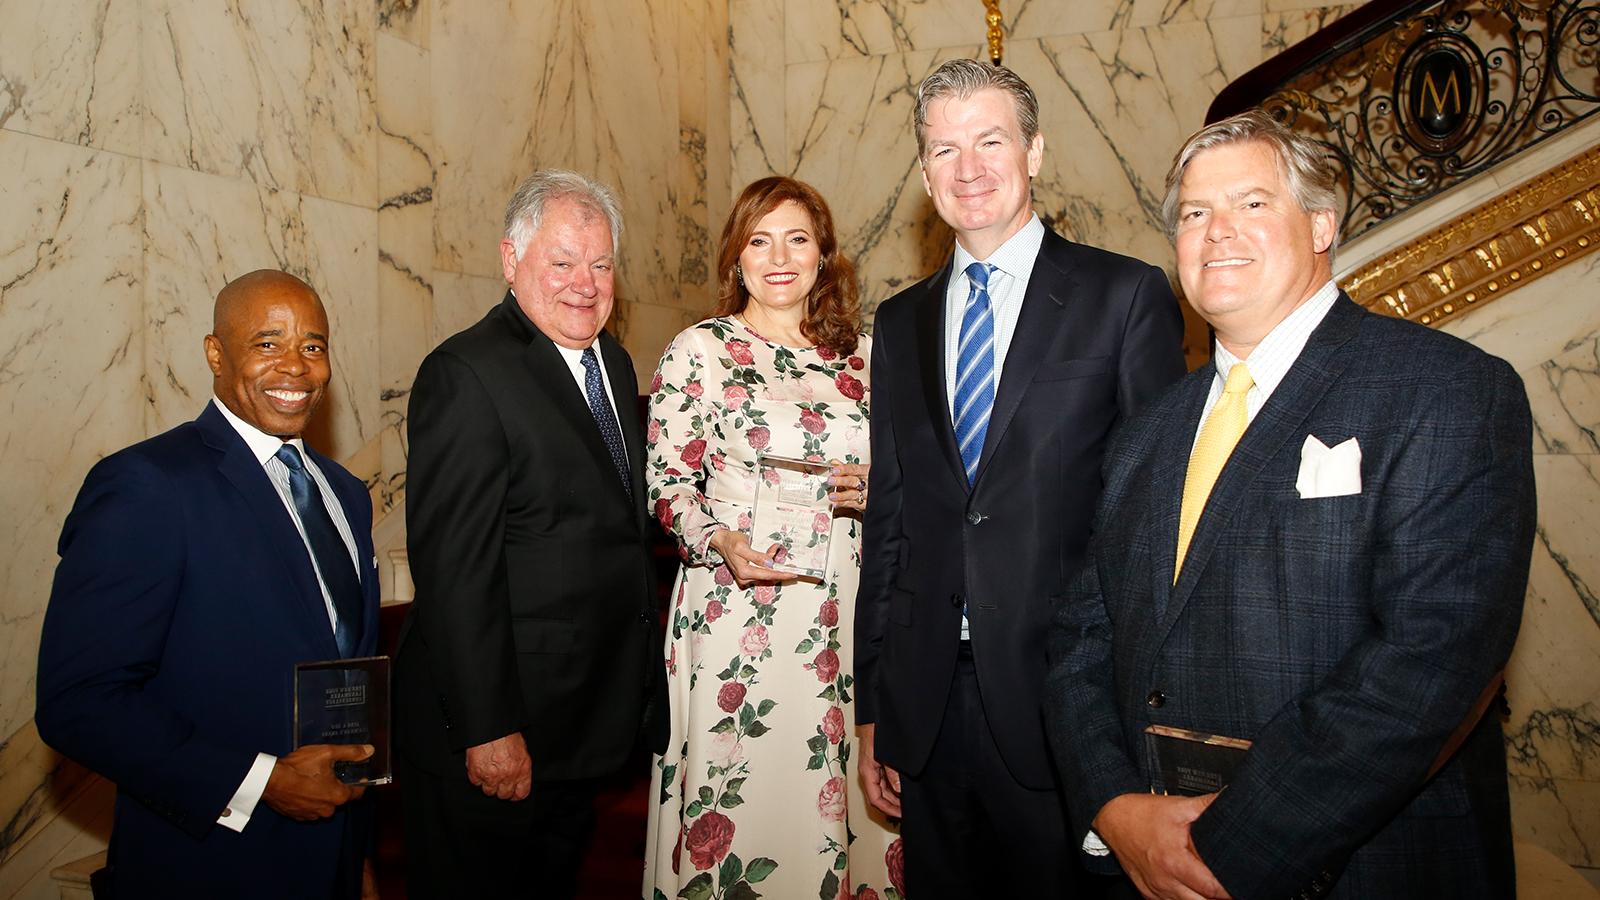 Hunter President Jennifer Raab at The NY Landmarks Conservancy's Award Ceremony